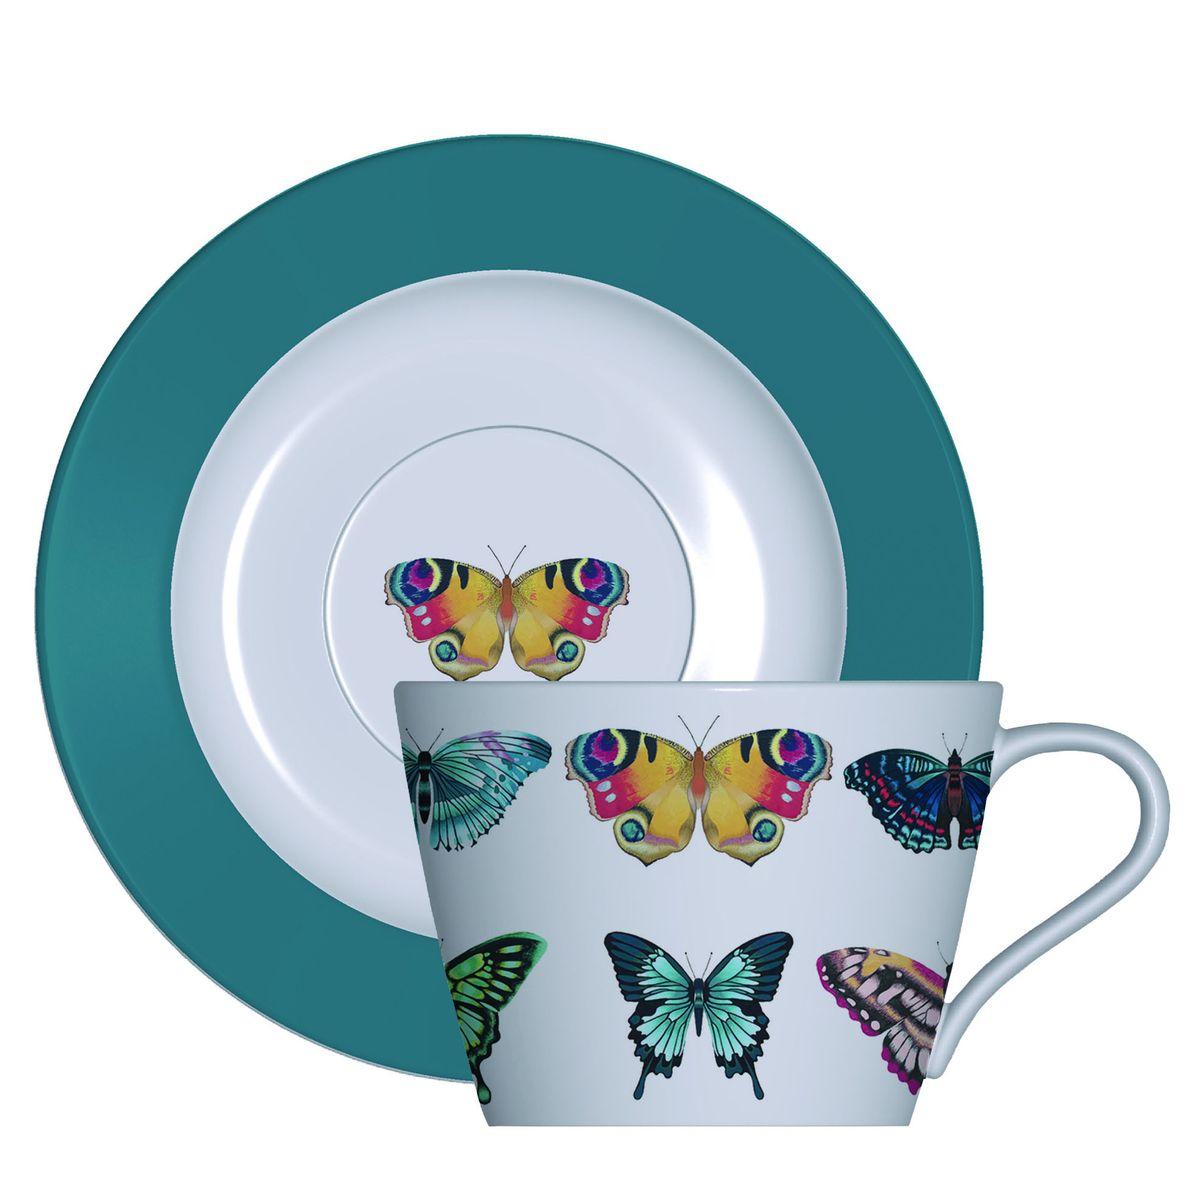 Набор кофейный Churchill Бабочки, 4 предметаHARL00351Набор кофейный Churchill Бабочки состоит из 2 кофейных чашек и 2 блюдец. Изделия выполнены из высококачественного костяного фарфора и оформлены красочным изображением бабочек. Можно мыть в посудомоечной машине. Можно использовать в микроволновой печи.